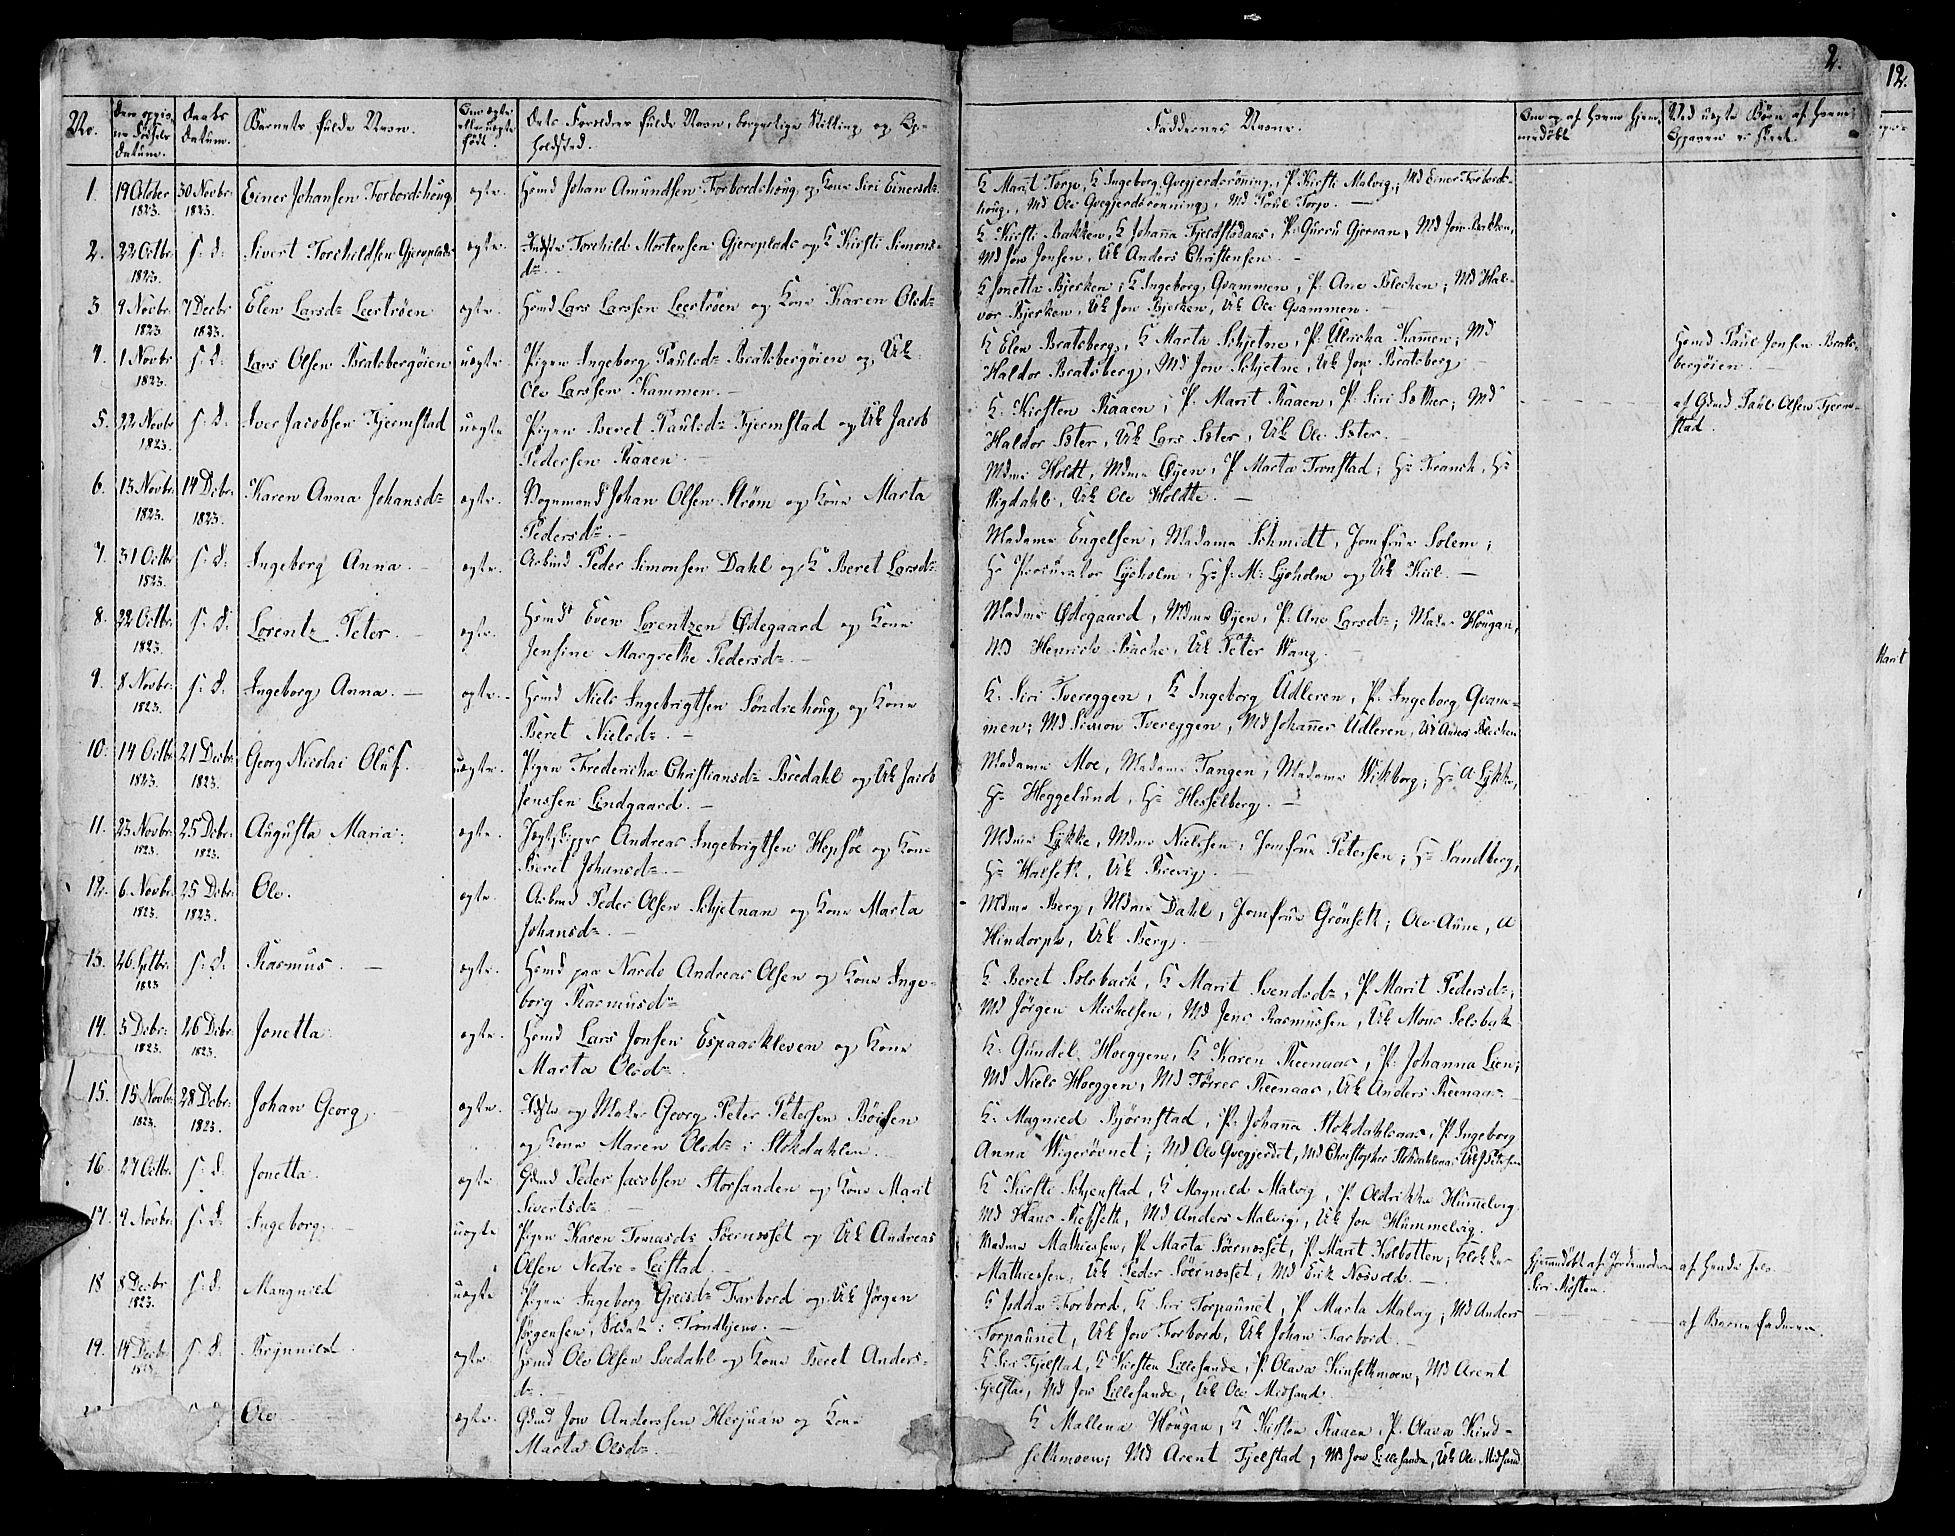 SAT, Ministerialprotokoller, klokkerbøker og fødselsregistre - Sør-Trøndelag, 606/L0286: Ministerialbok nr. 606A04 /1, 1823-1840, s. 2